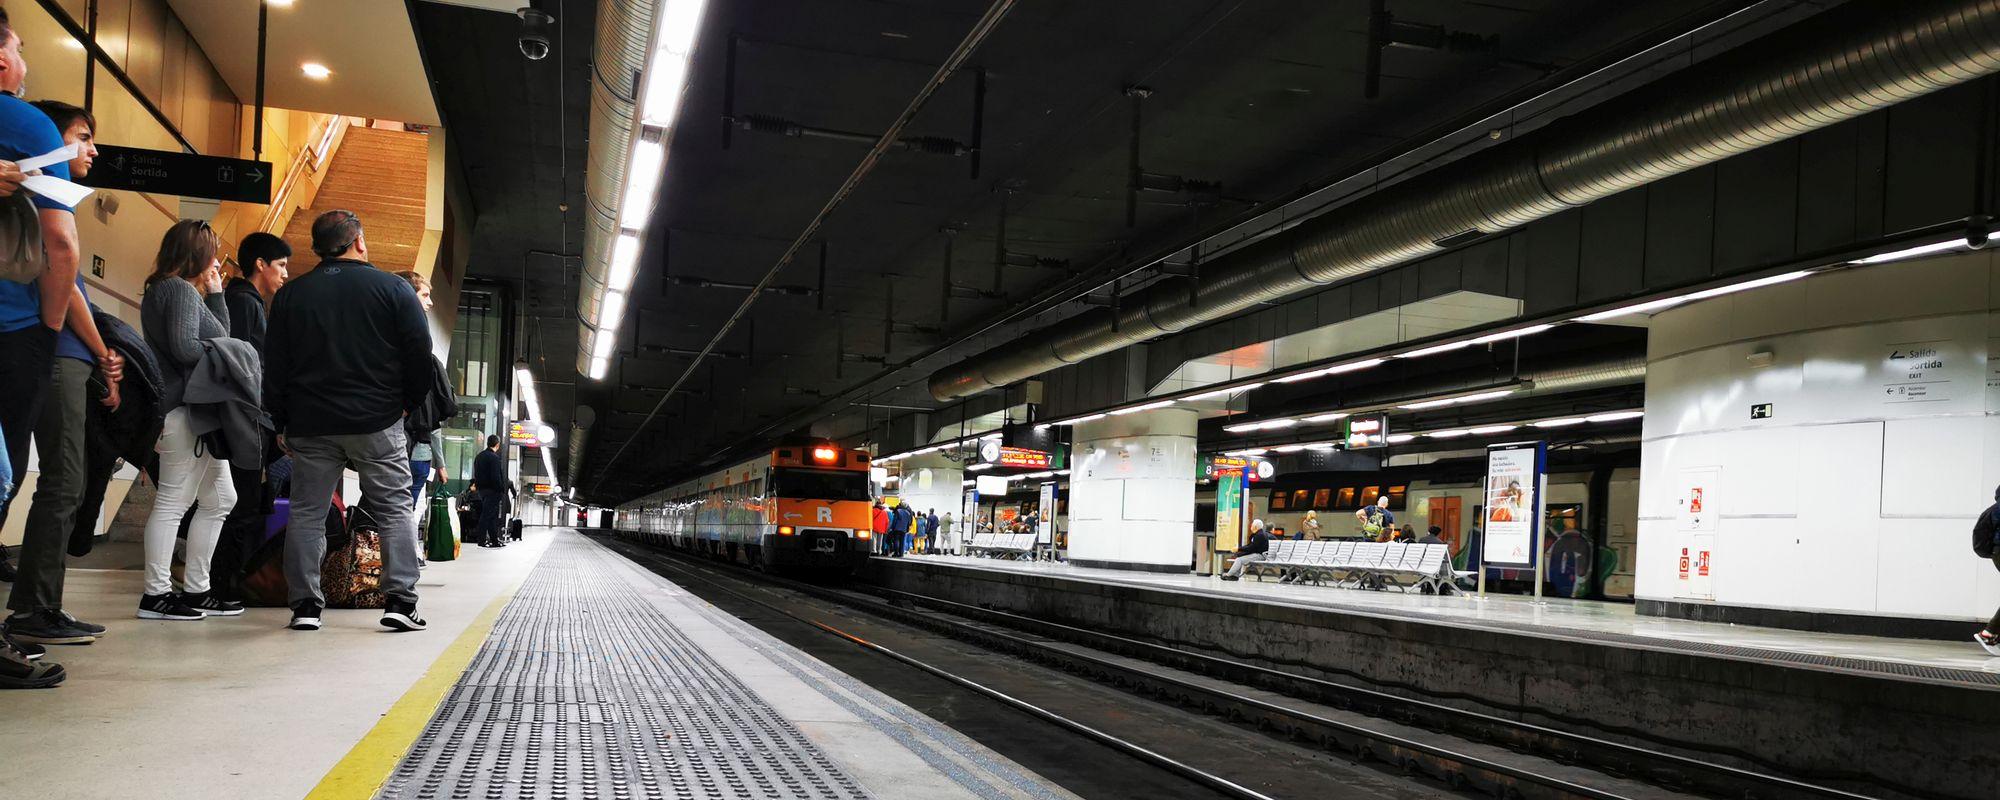 Transport public în Barcelona.